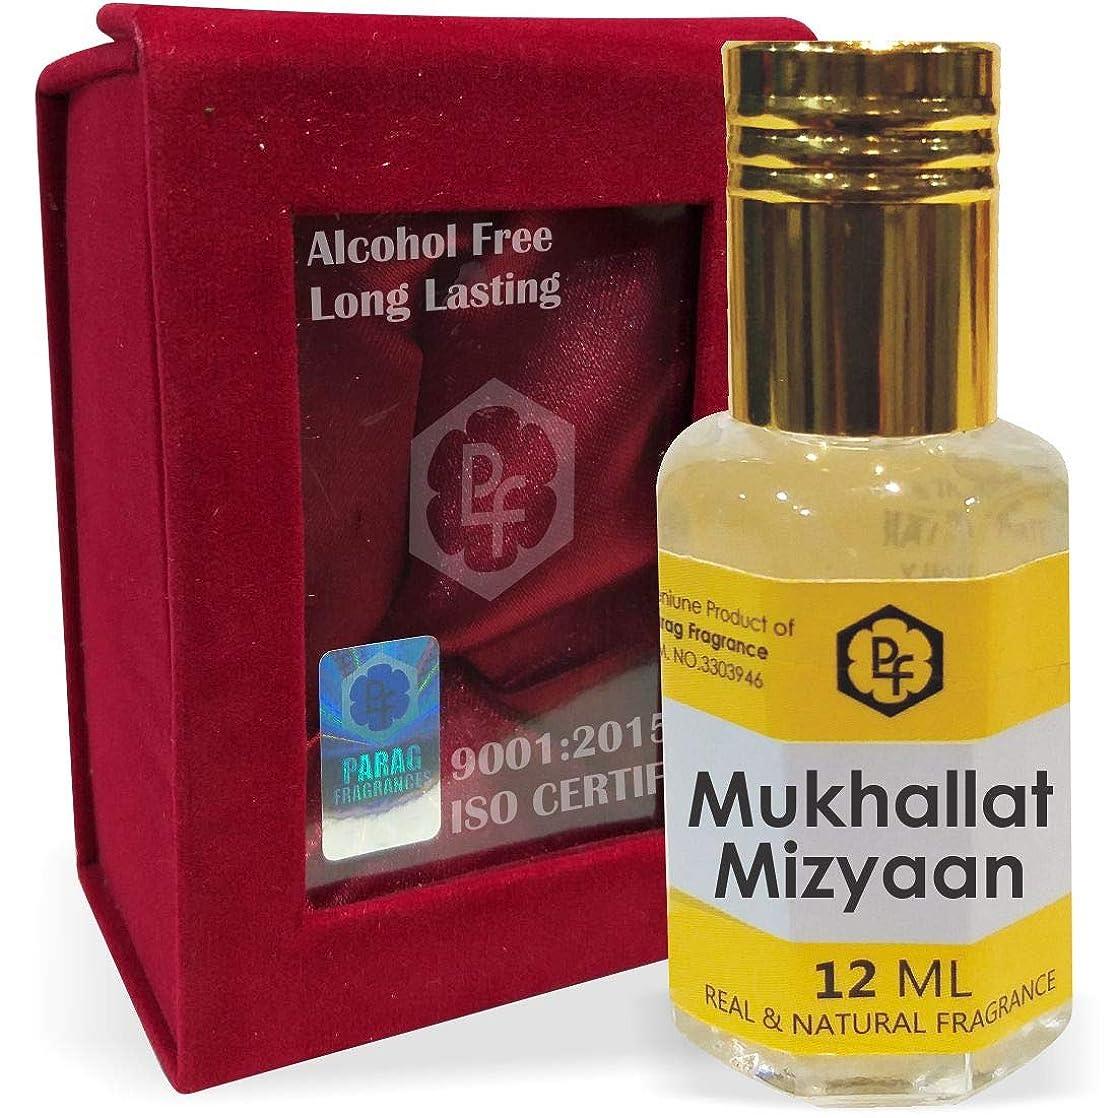 条約増強するエンドウParagフレグランスMukhallat手作りベルベットボックスMizyaan 12ミリリットルアター/香水(インドの伝統的なBhapka処理方法により、インド製)オイル/フレグランスオイル|長持ちアターITRA最高の品質